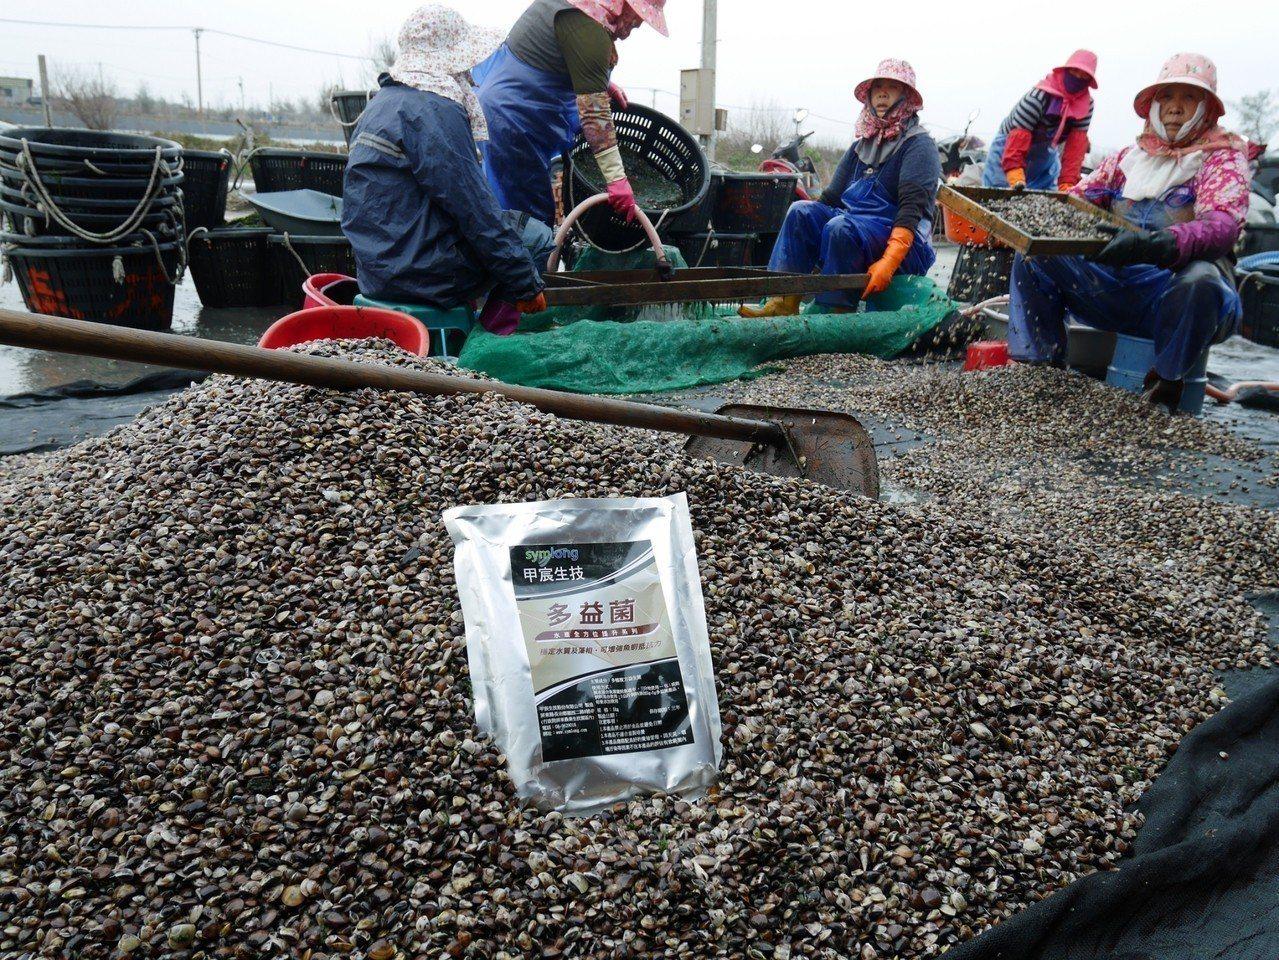 「甲宸生技」以多項微生物益生菌產品幫助漁民們滿載而歸。 甲宸生技/提供